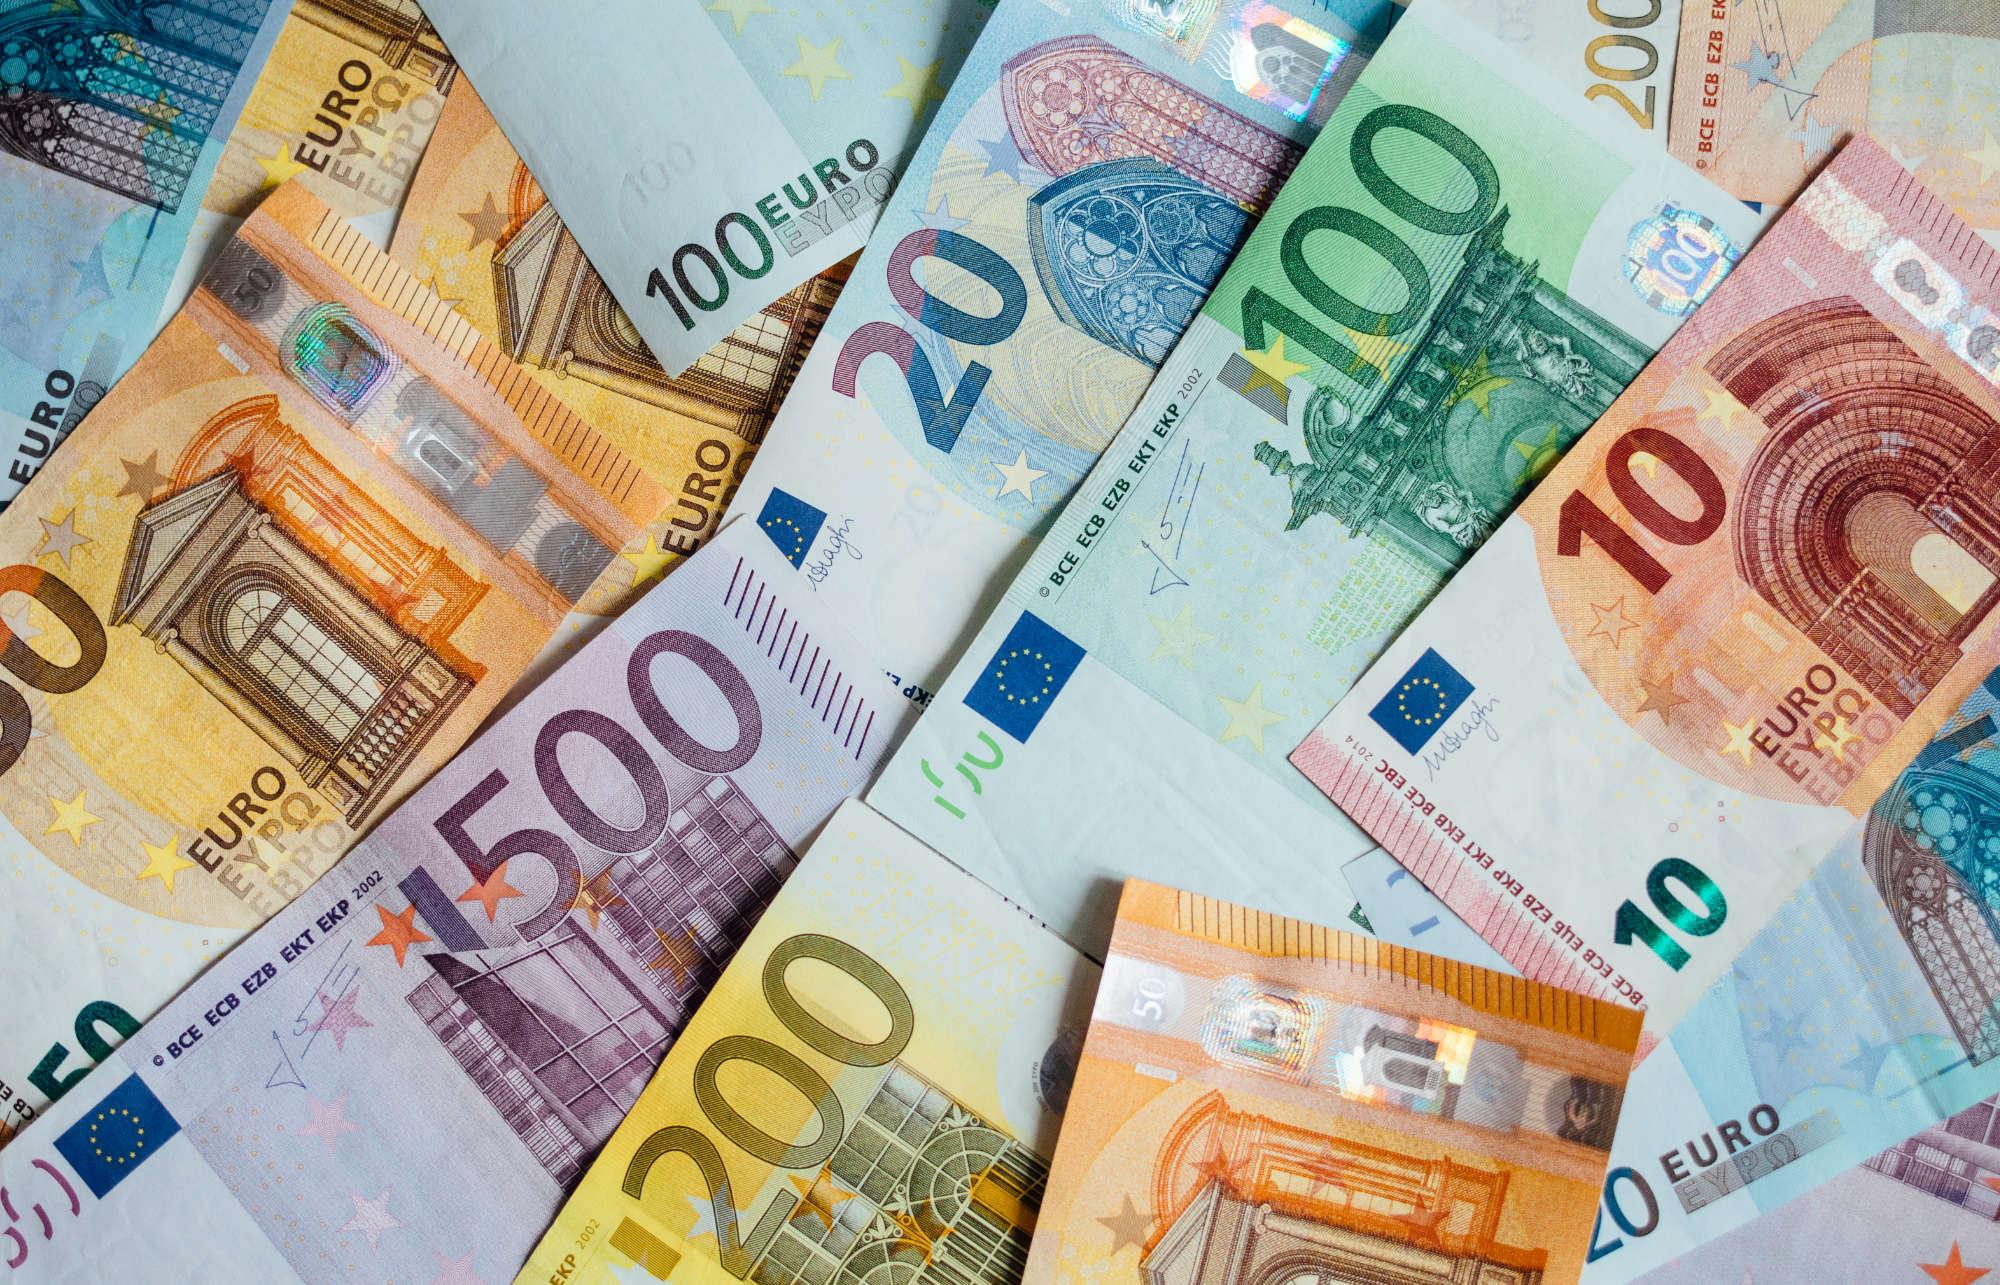 Sequestro di 6 milioni di euro